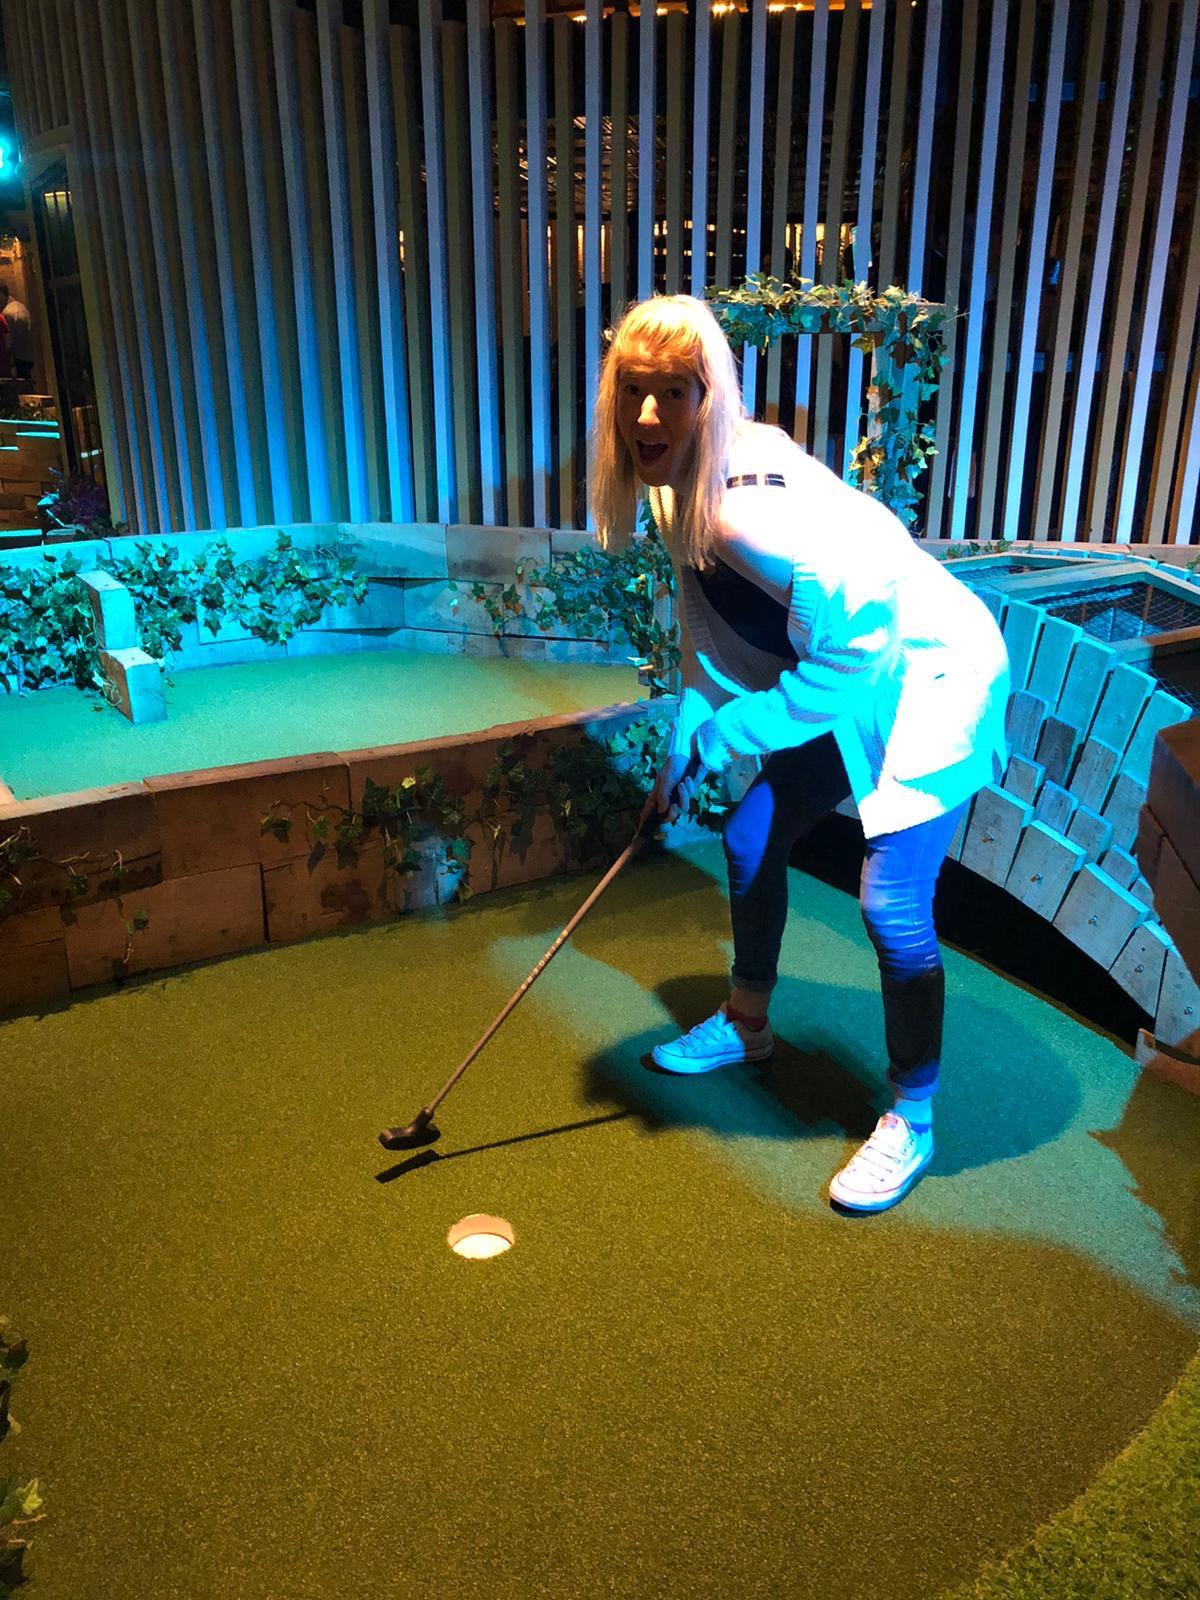 Swingers golf course London